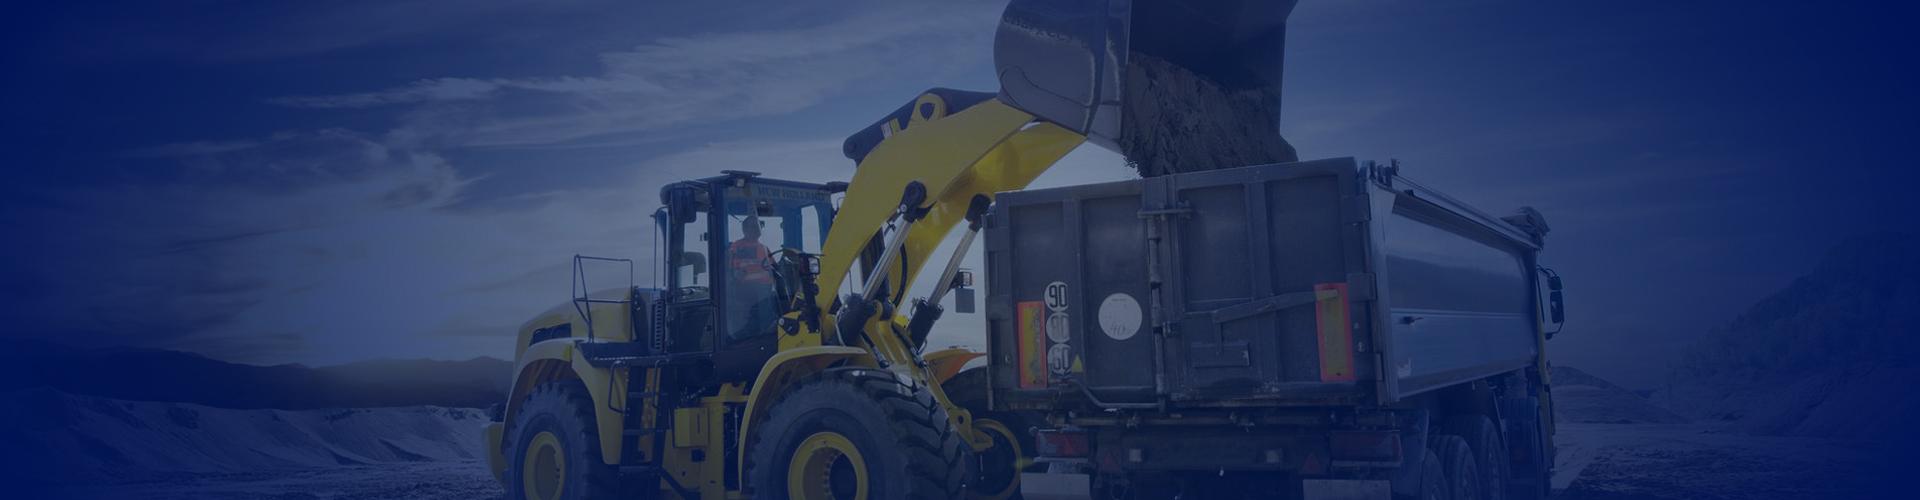 Devolución Impuestos para Vehículos de Construcción | Tecnocompany